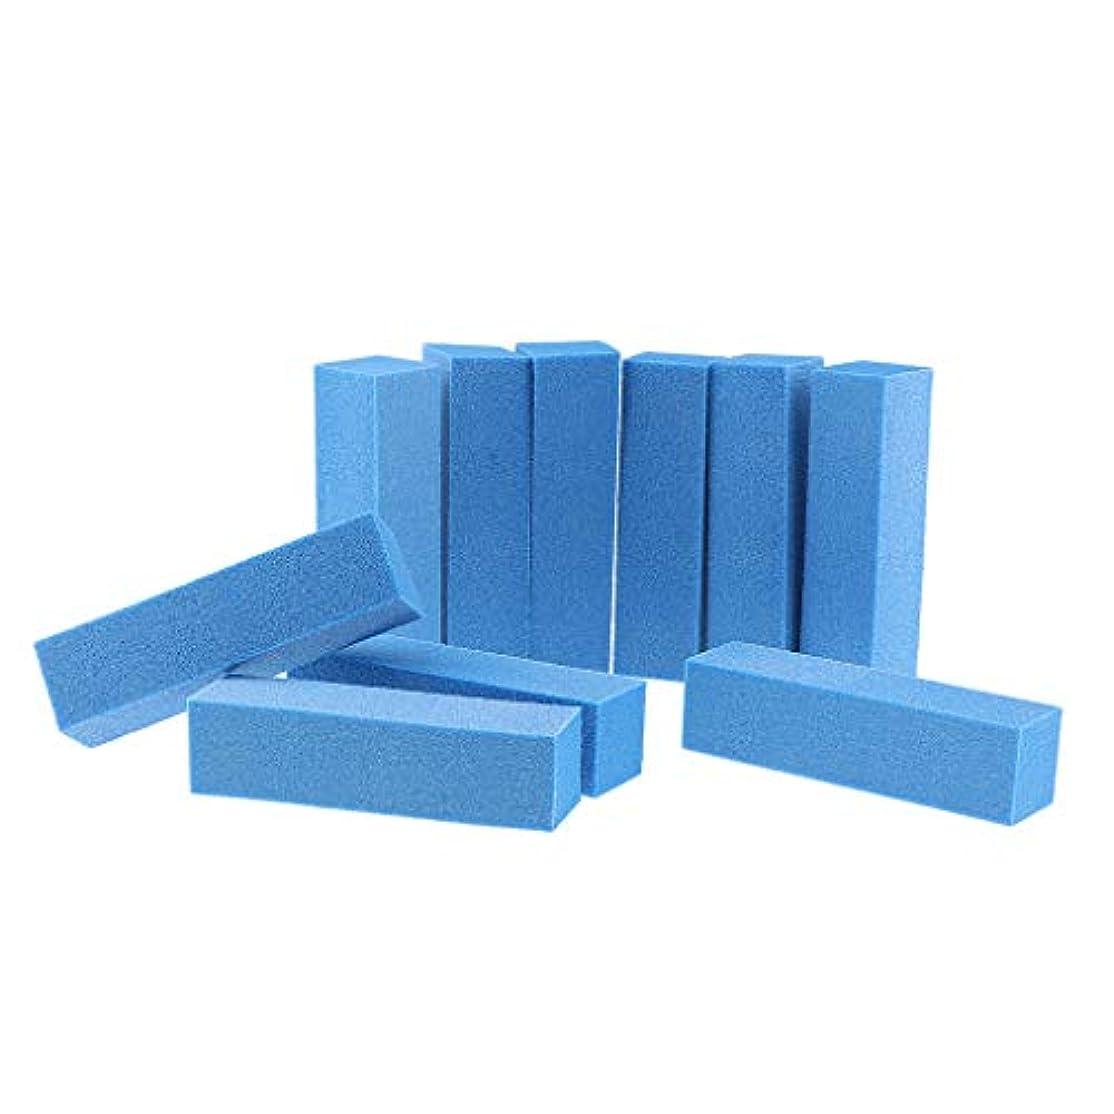 ゲートウェイマザーランドチューリップ10PCSネイルアートケアバッファーバフ研磨サンディングブロックファイルグリットアクリルマニキュアツール-プロフェッショナルサロン使用または家庭用 - 青